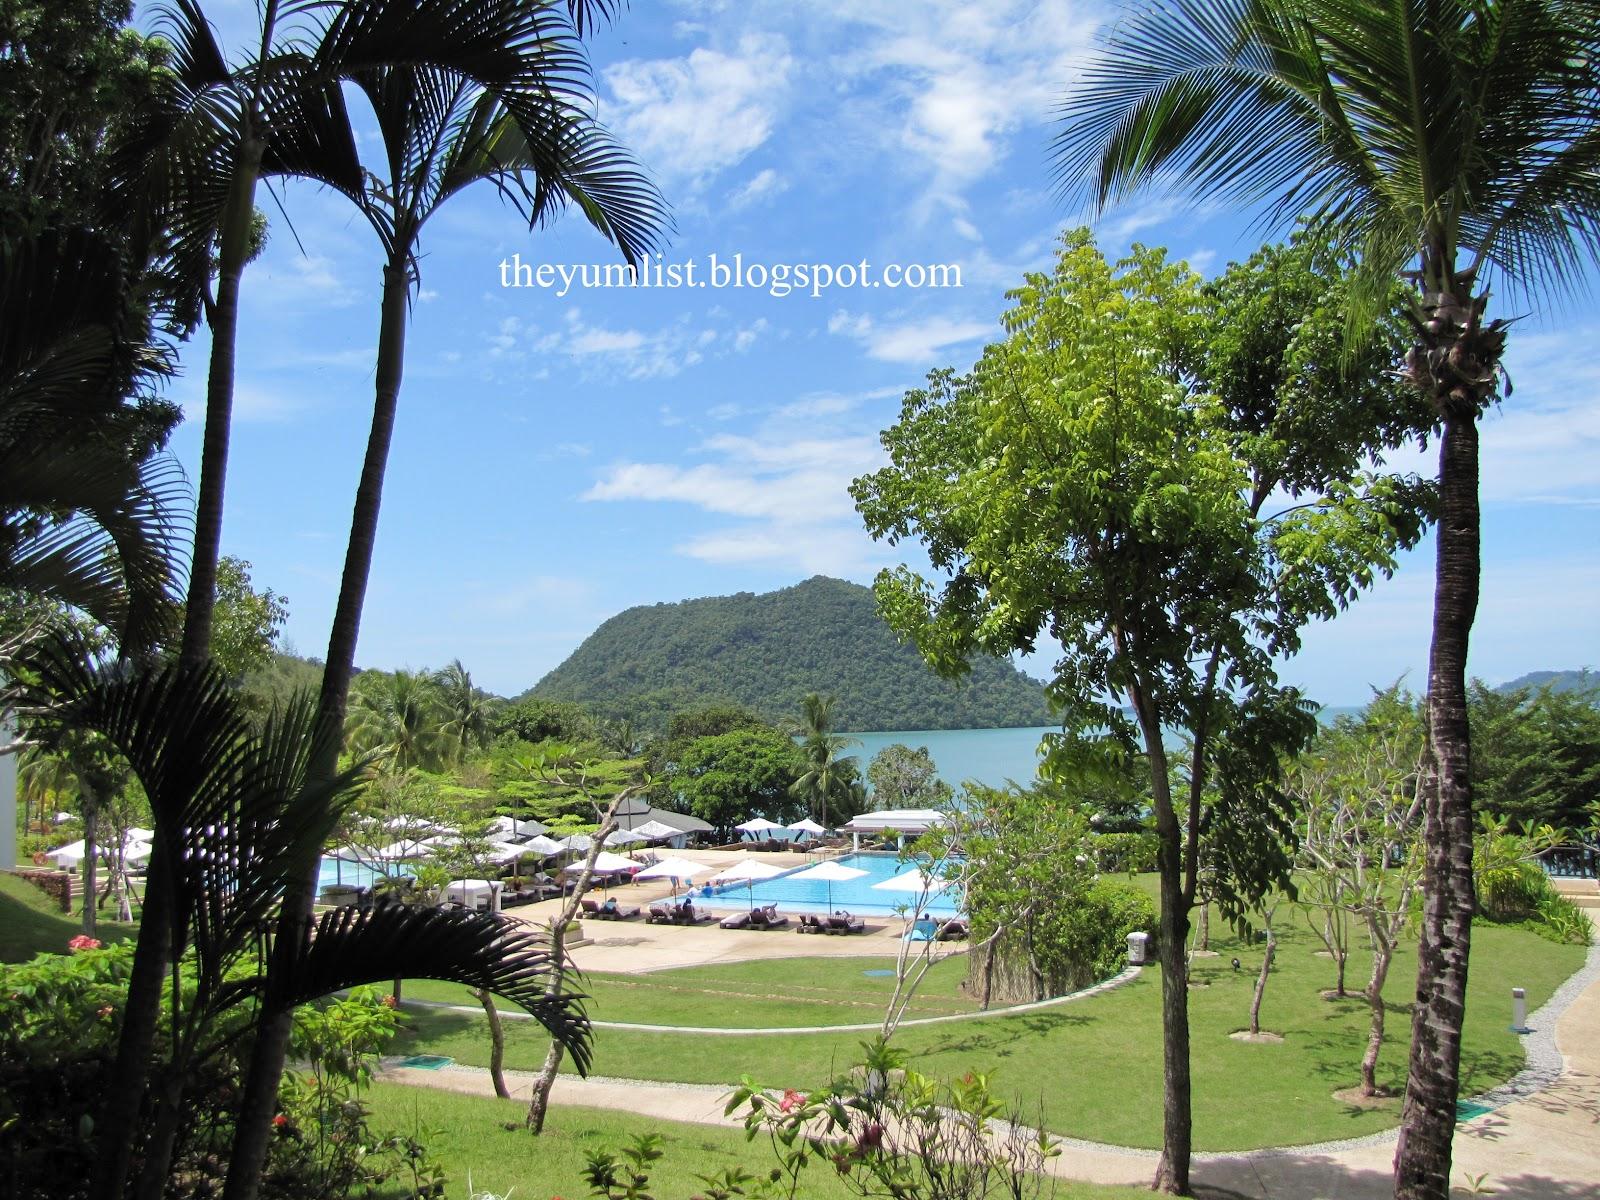 The Westin Langkawi Resort & Spa, Langkawi, Malaysia - The Yum List